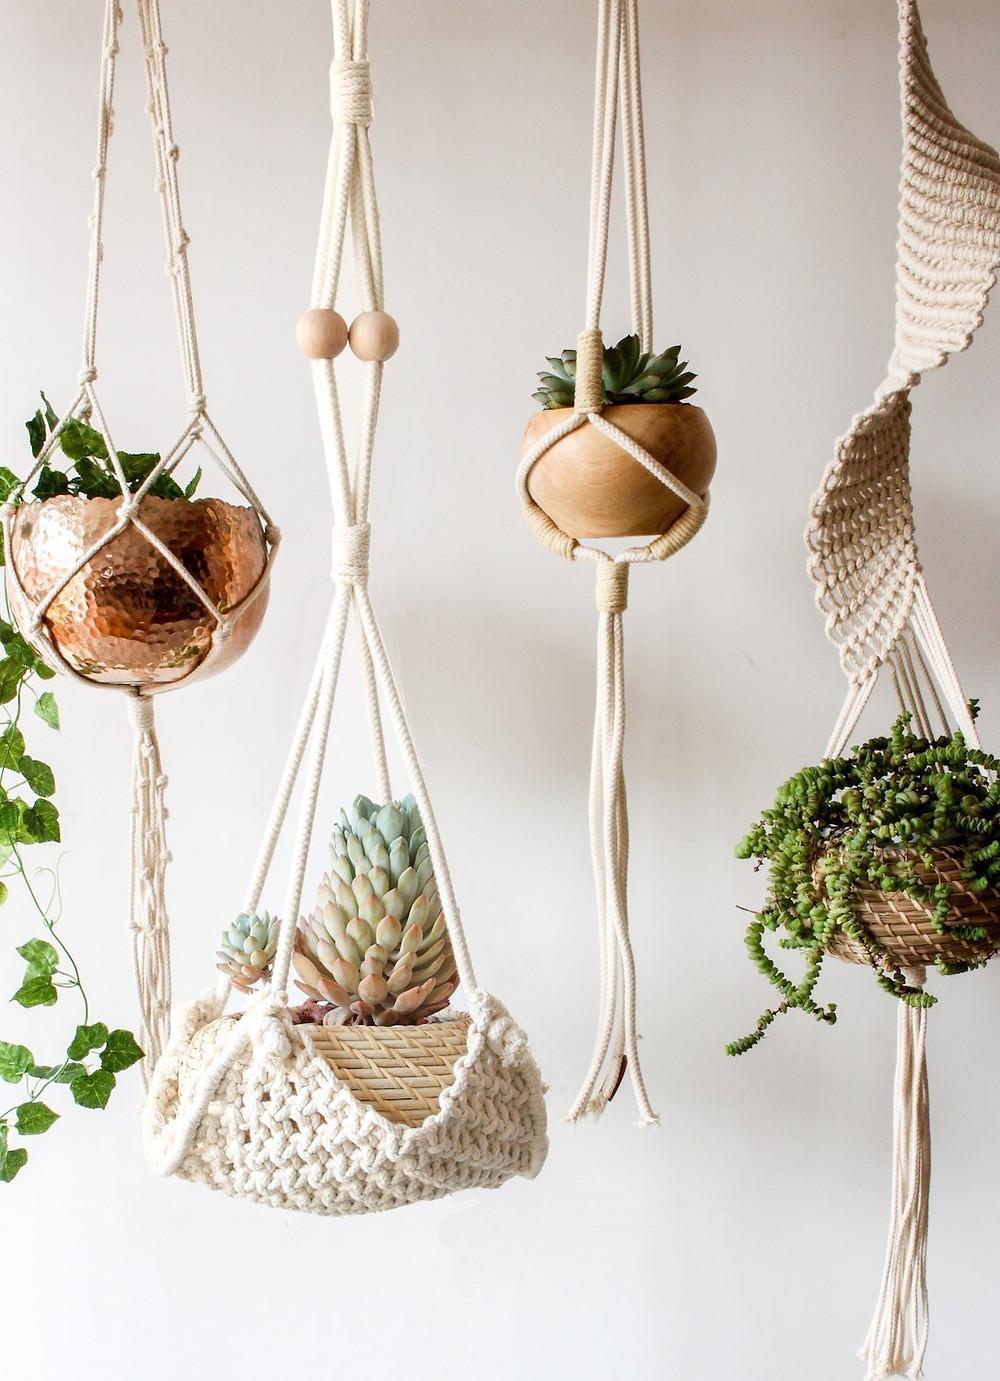 Flber Handmade Macrame Plant Hanger